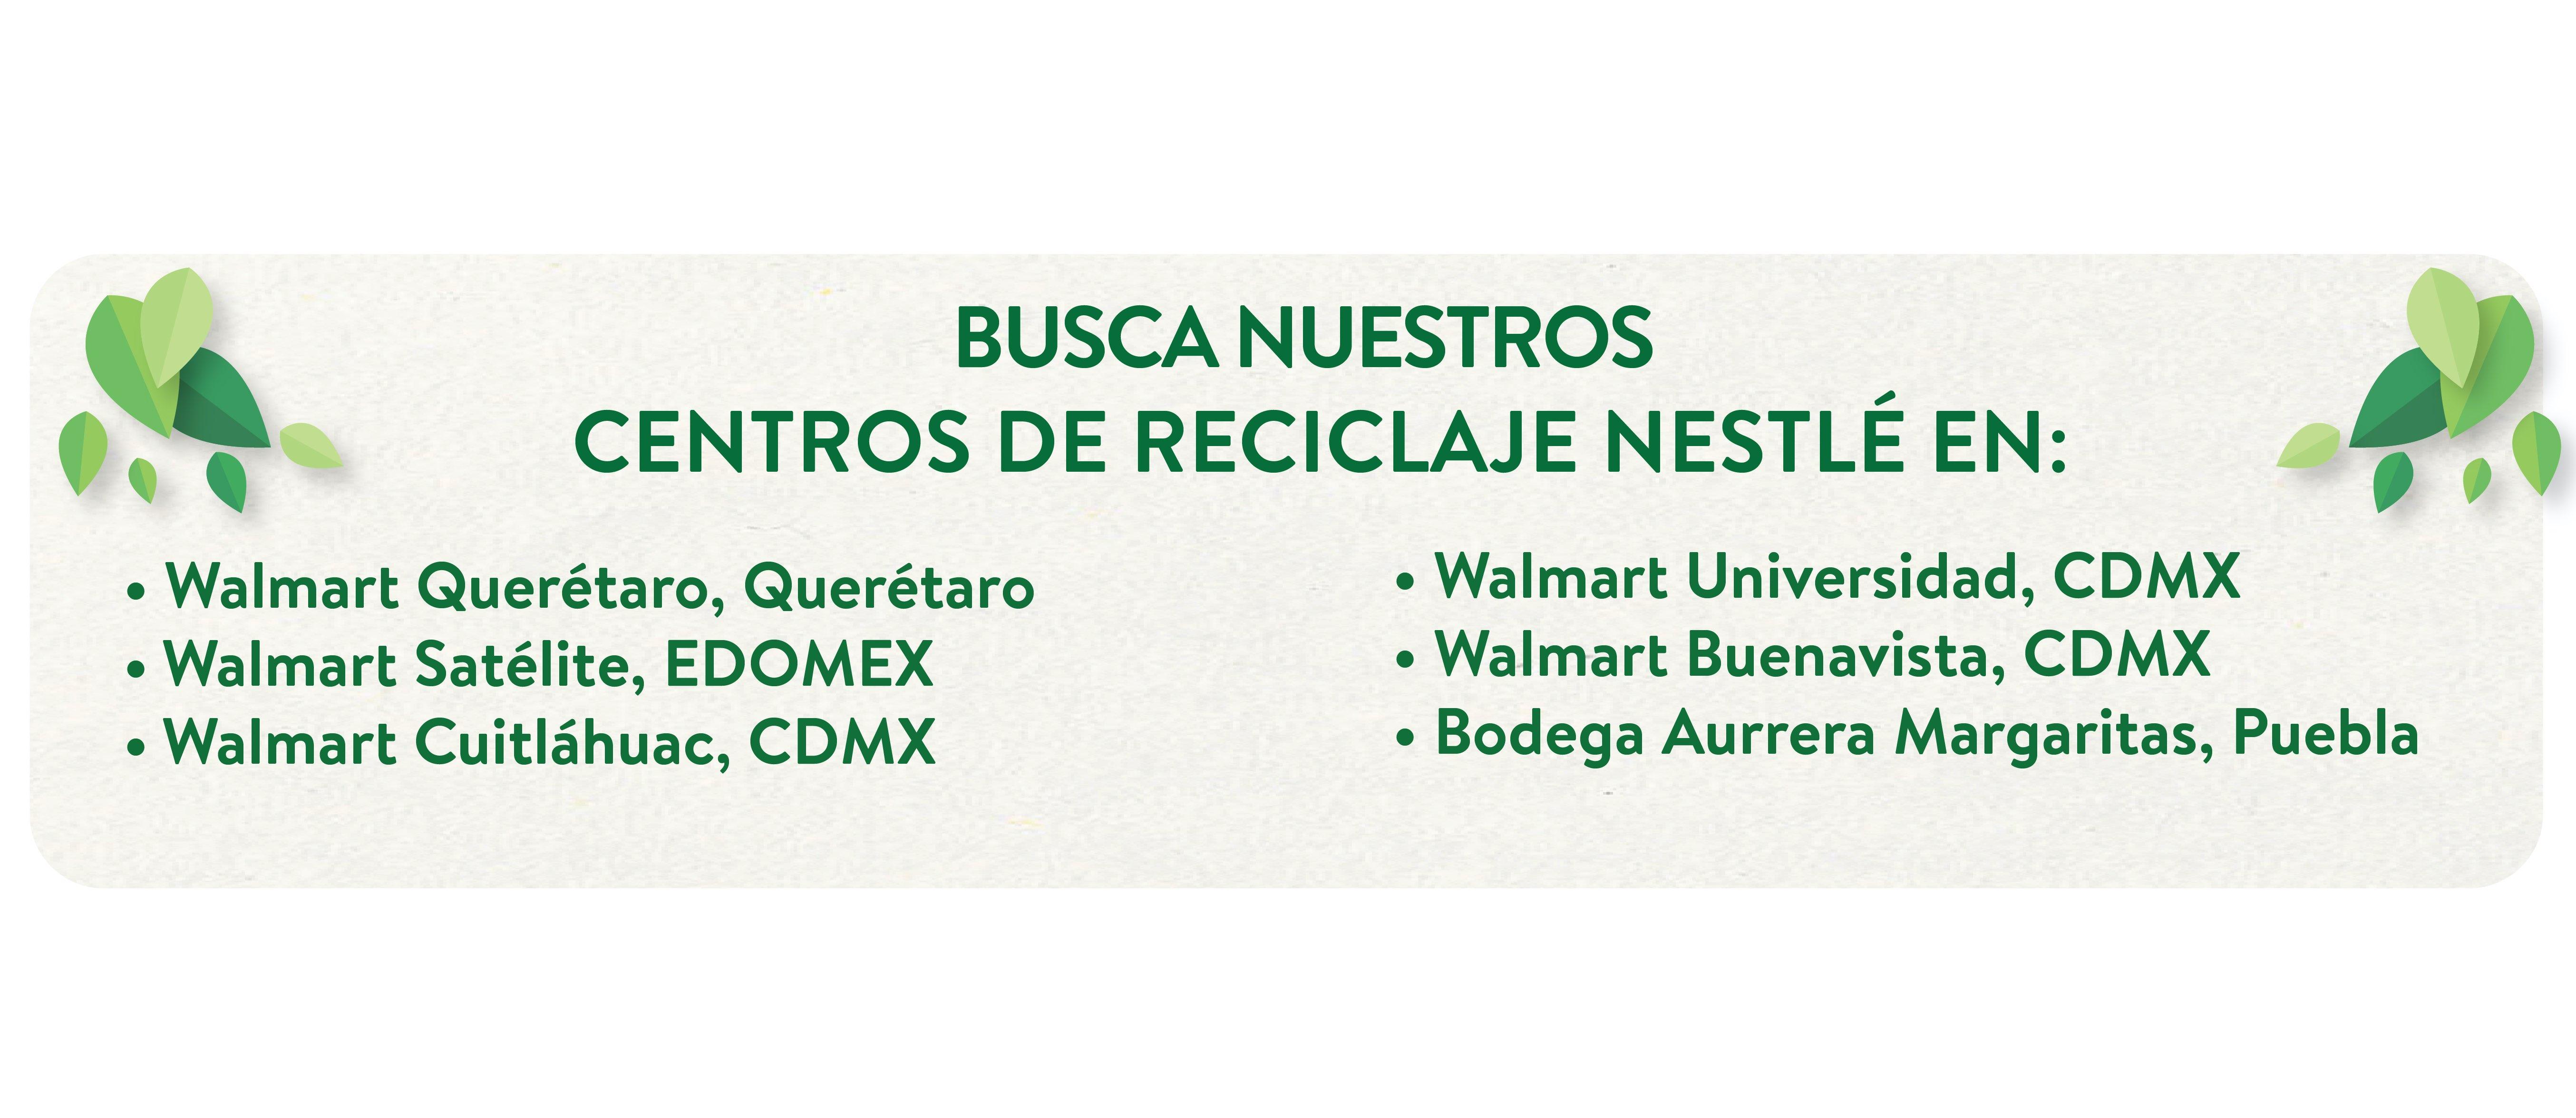 Centros de Reciclaje Nestlé 2020